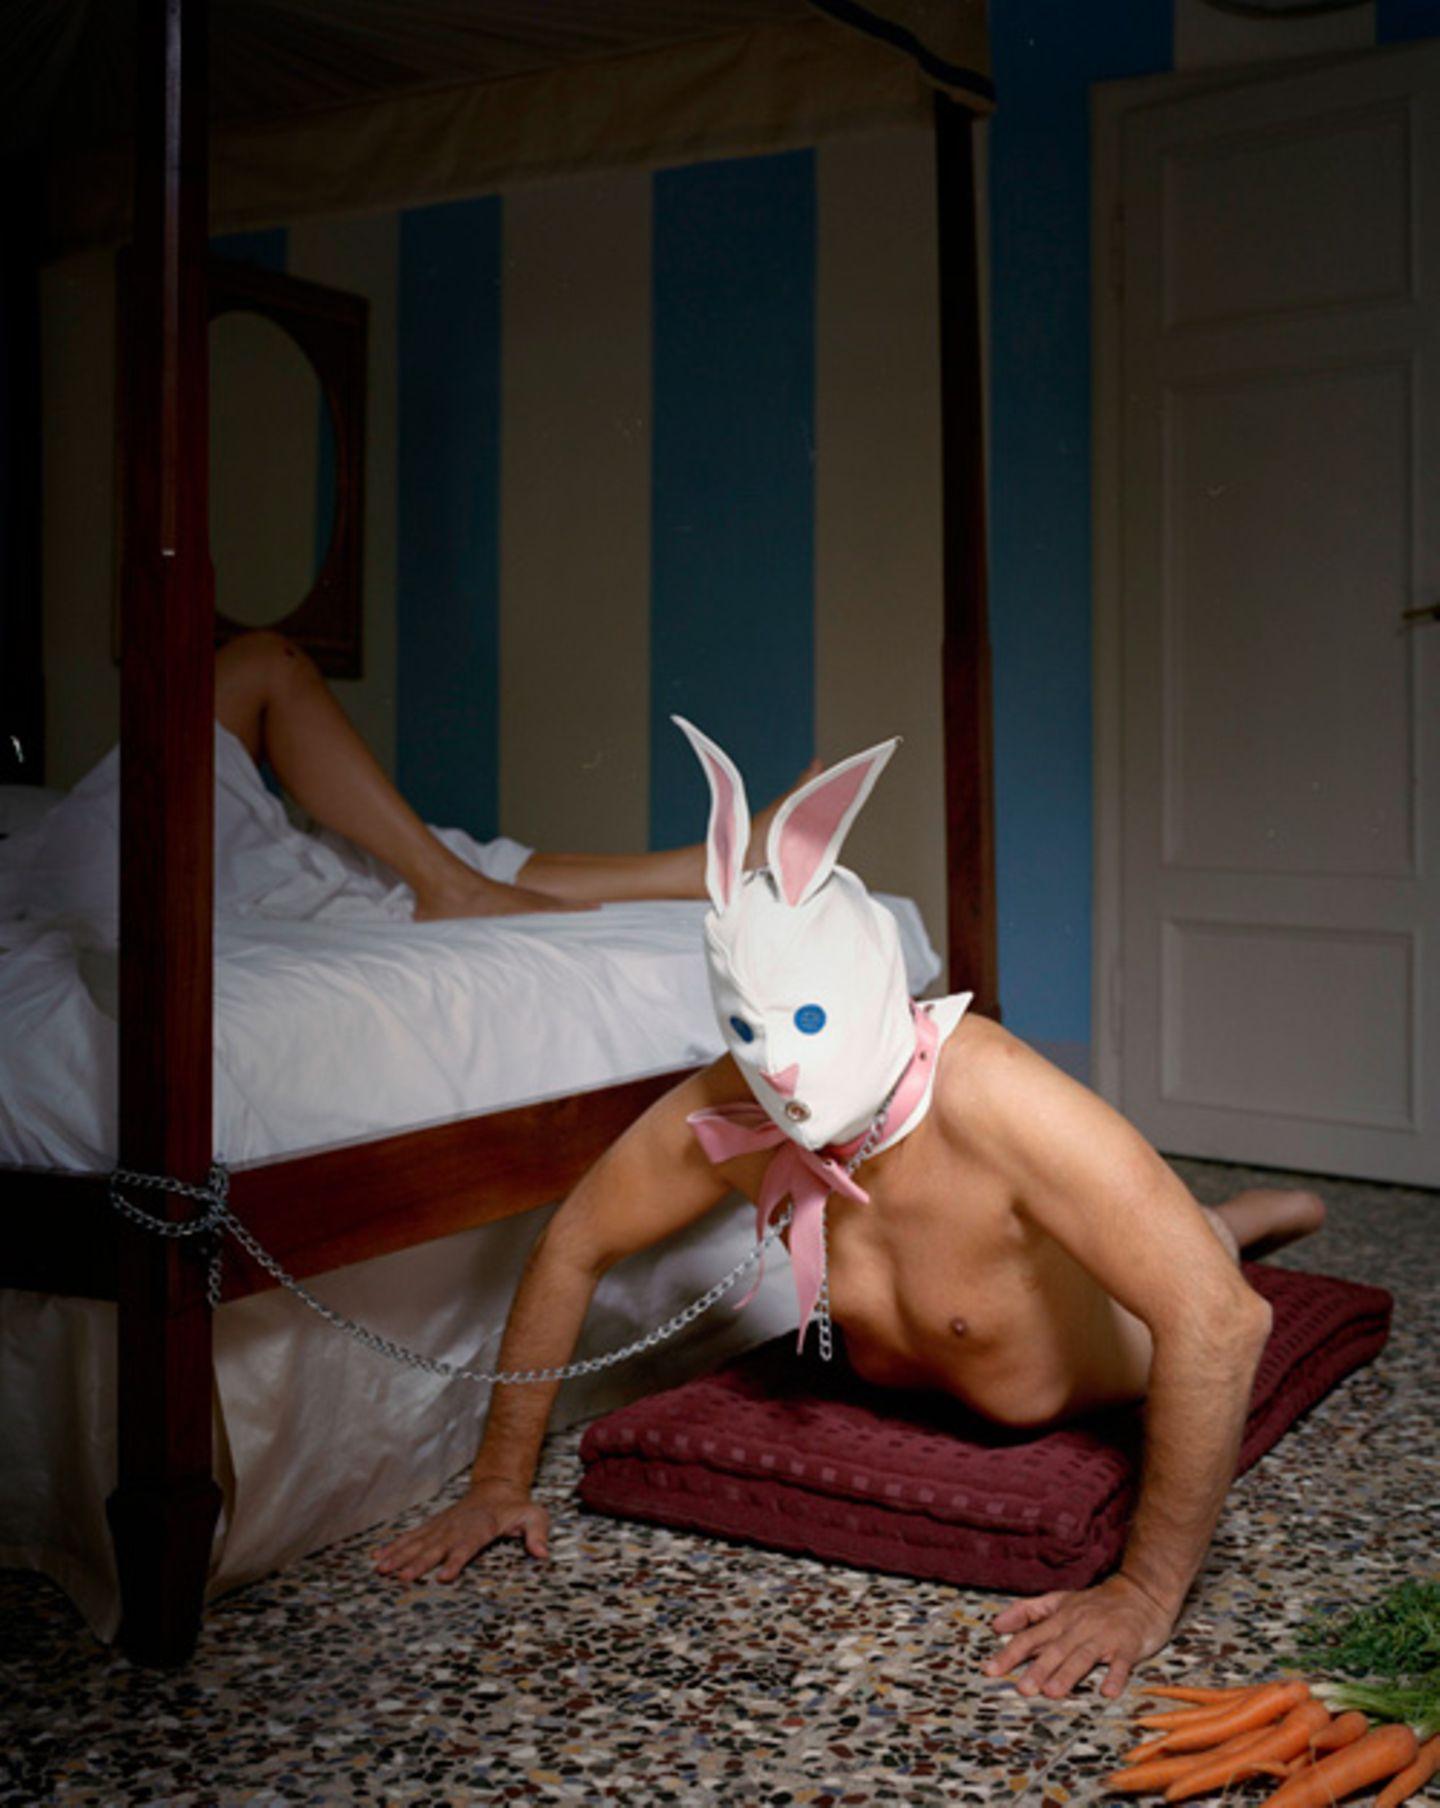 Die Fotografien zeigen auch sexuelle Fantasien ihrer Protagonisten.